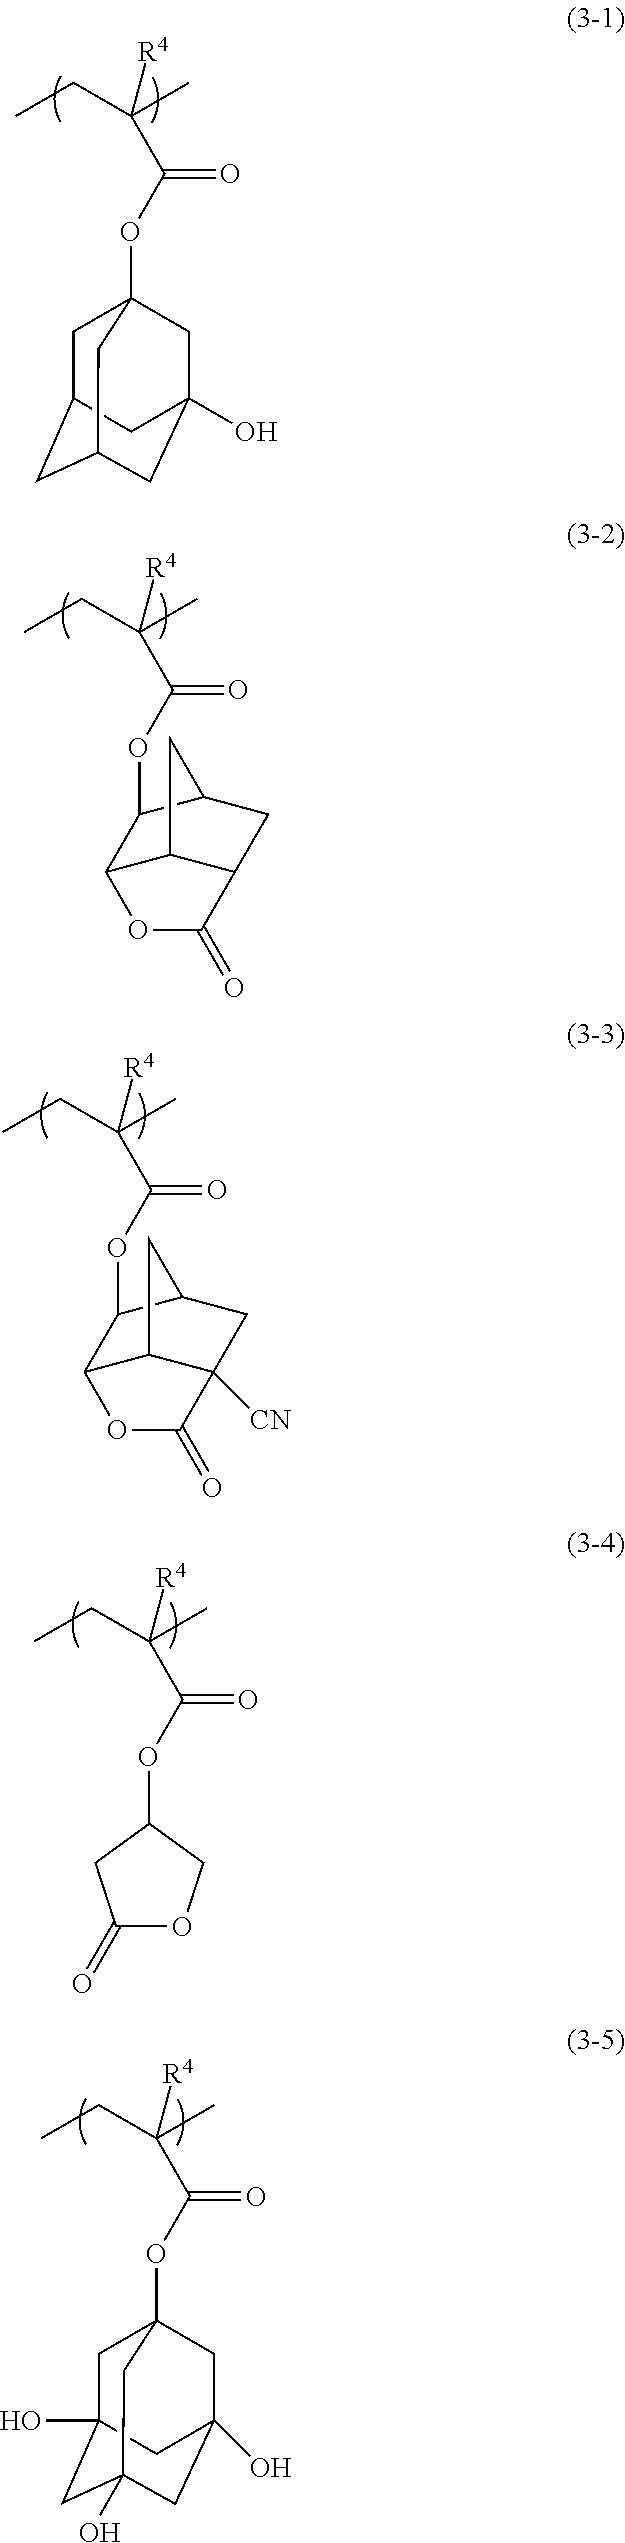 Figure US09477149-20161025-C00027